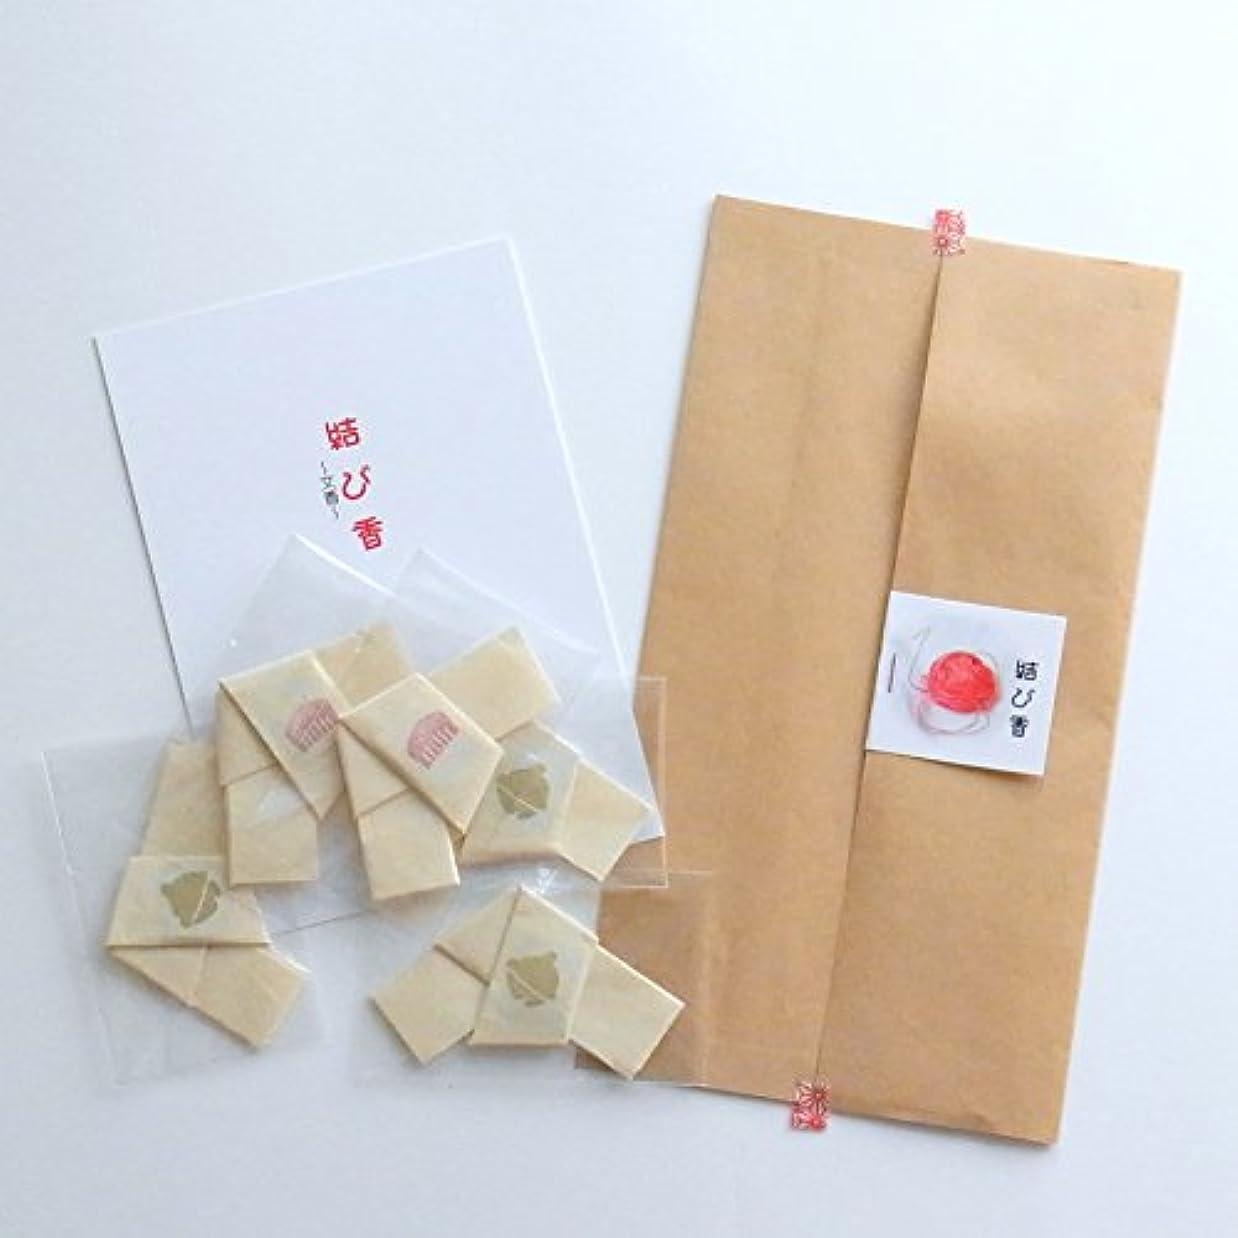 鍔カーペット乗算手紙に添えたり、バッグにしのばせてご縁を結ぶ【結び香】